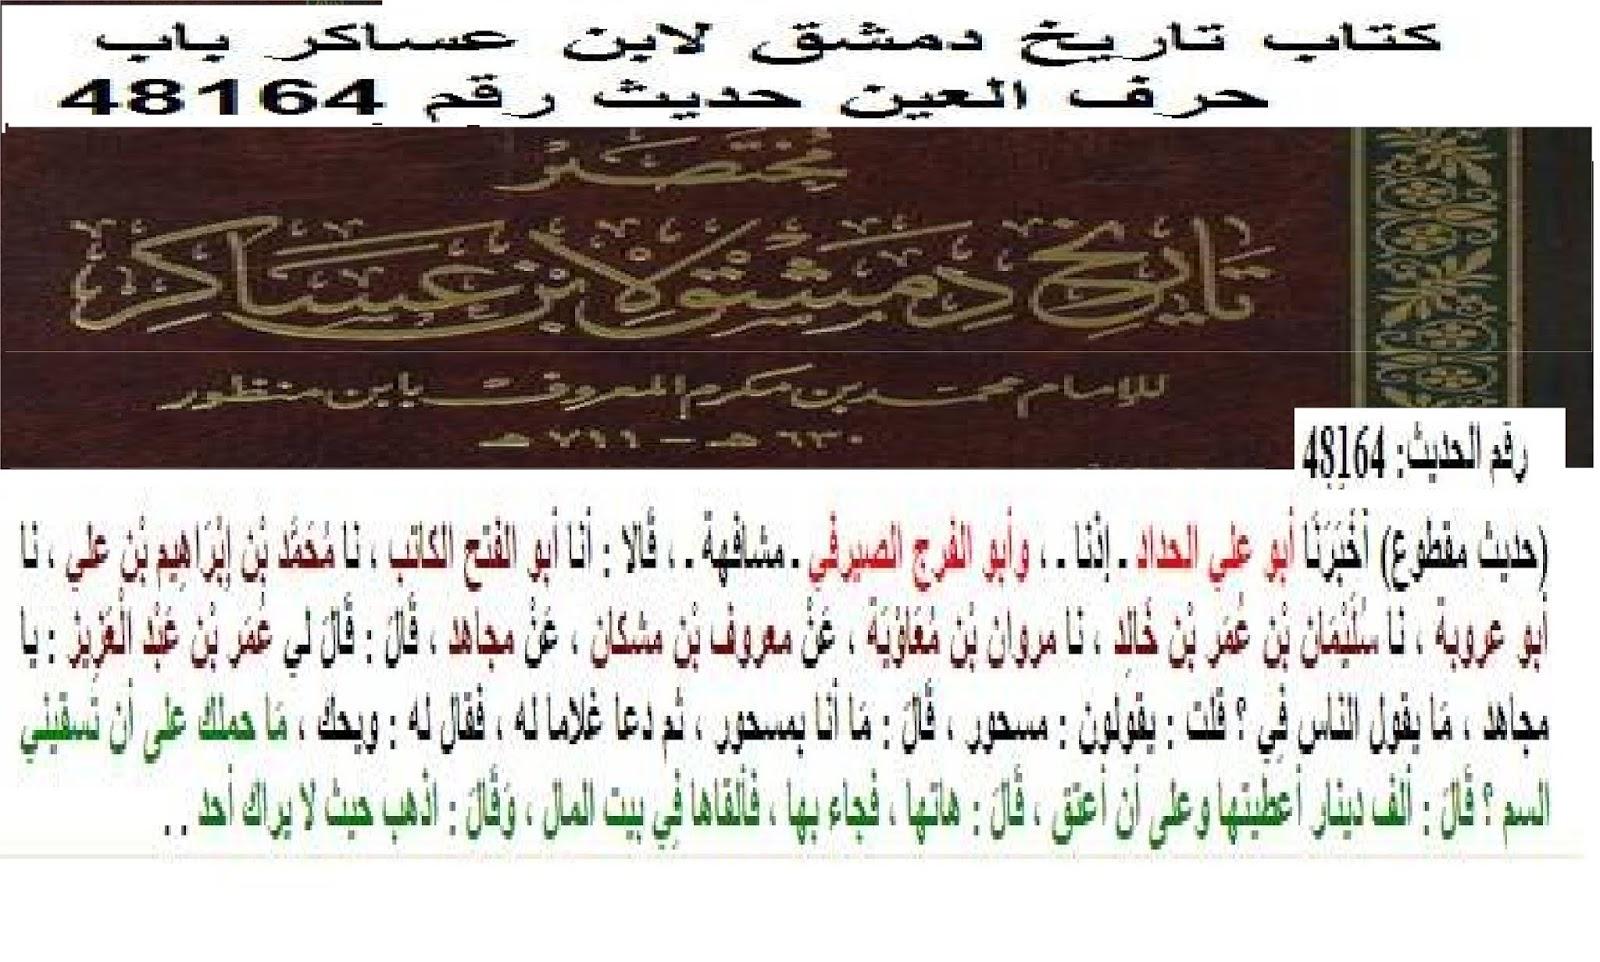 ماهي السورة التي تسببت في اسلام عمر بن الخطاب